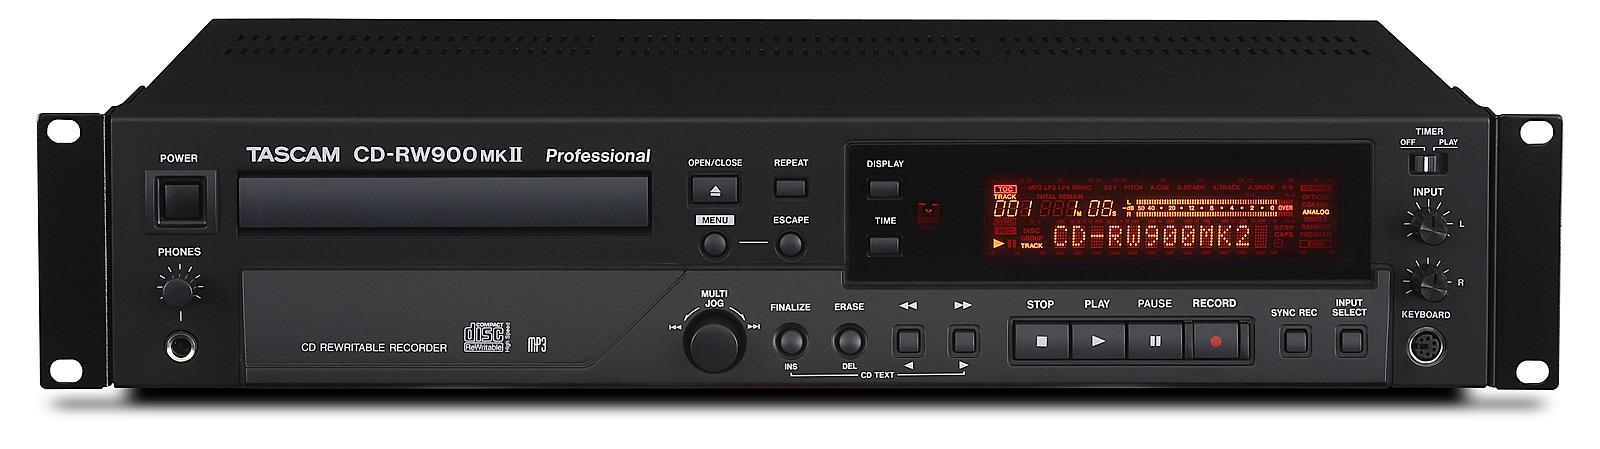 Billede af Tascam CD-RW900MK2 CD recorder